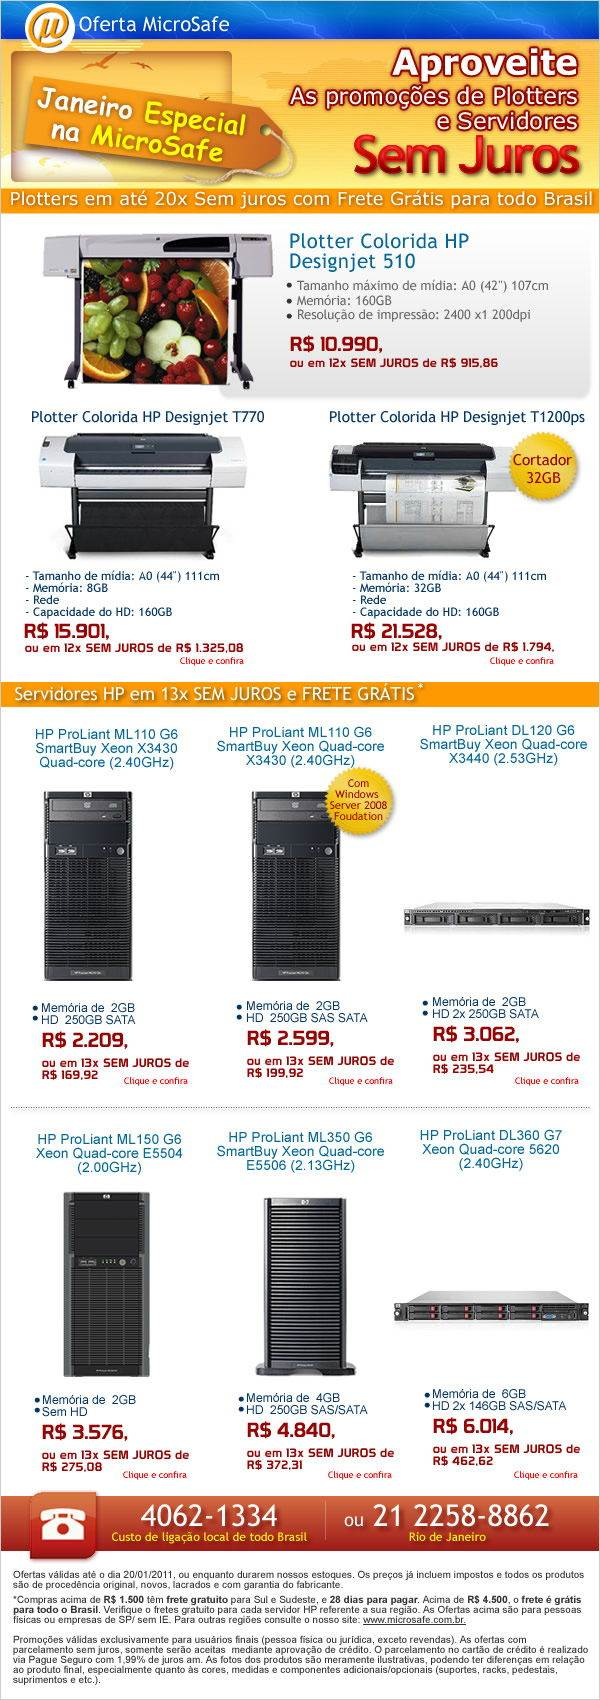 Aproveite as promoções de Plotters e servidores na MicroSafe!